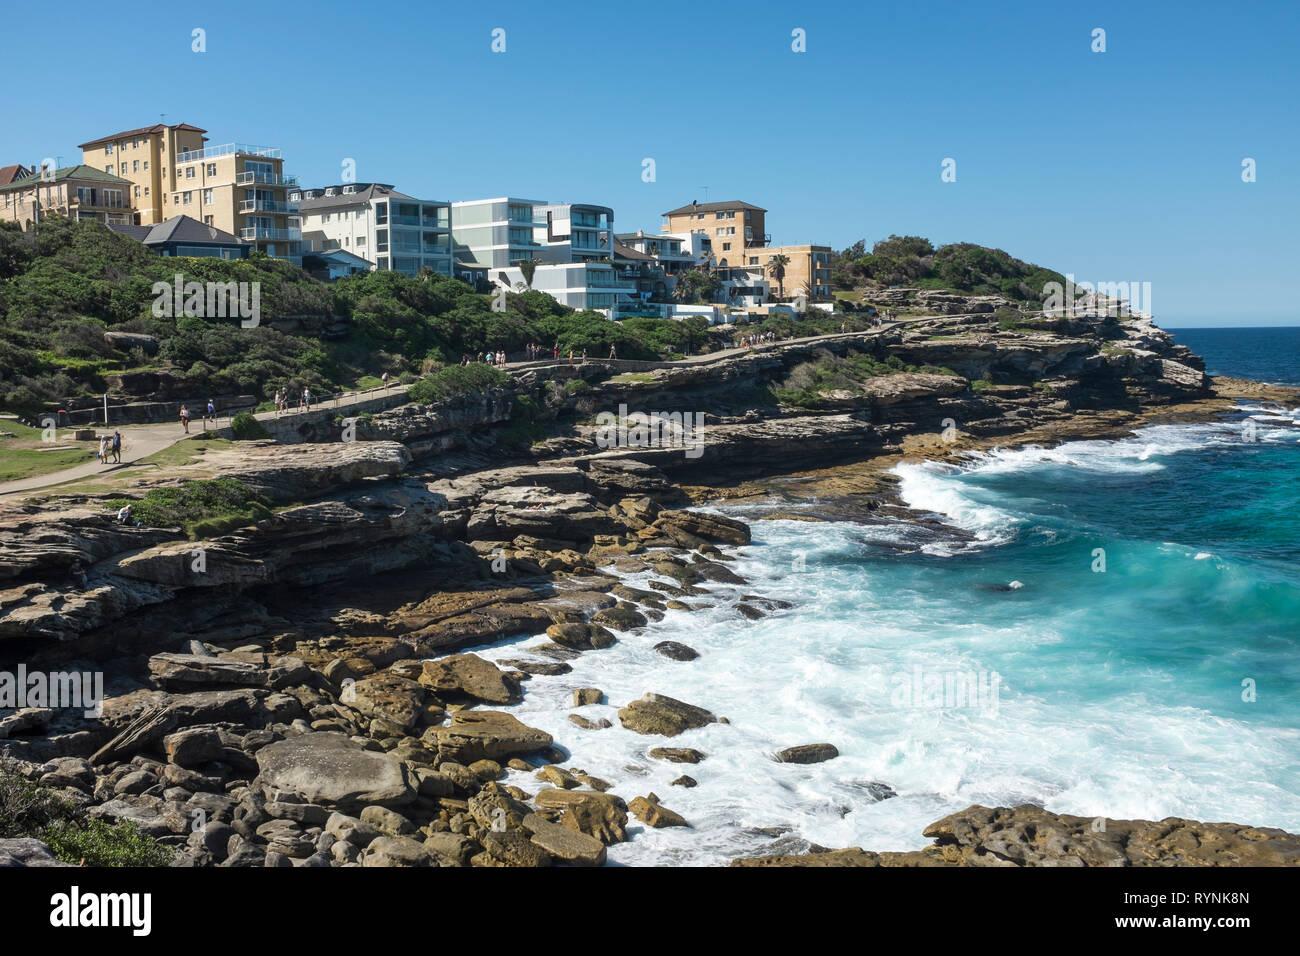 Promenade côtière de Bondi à Coogee, Sydney, NSW, Australie Banque D'Images